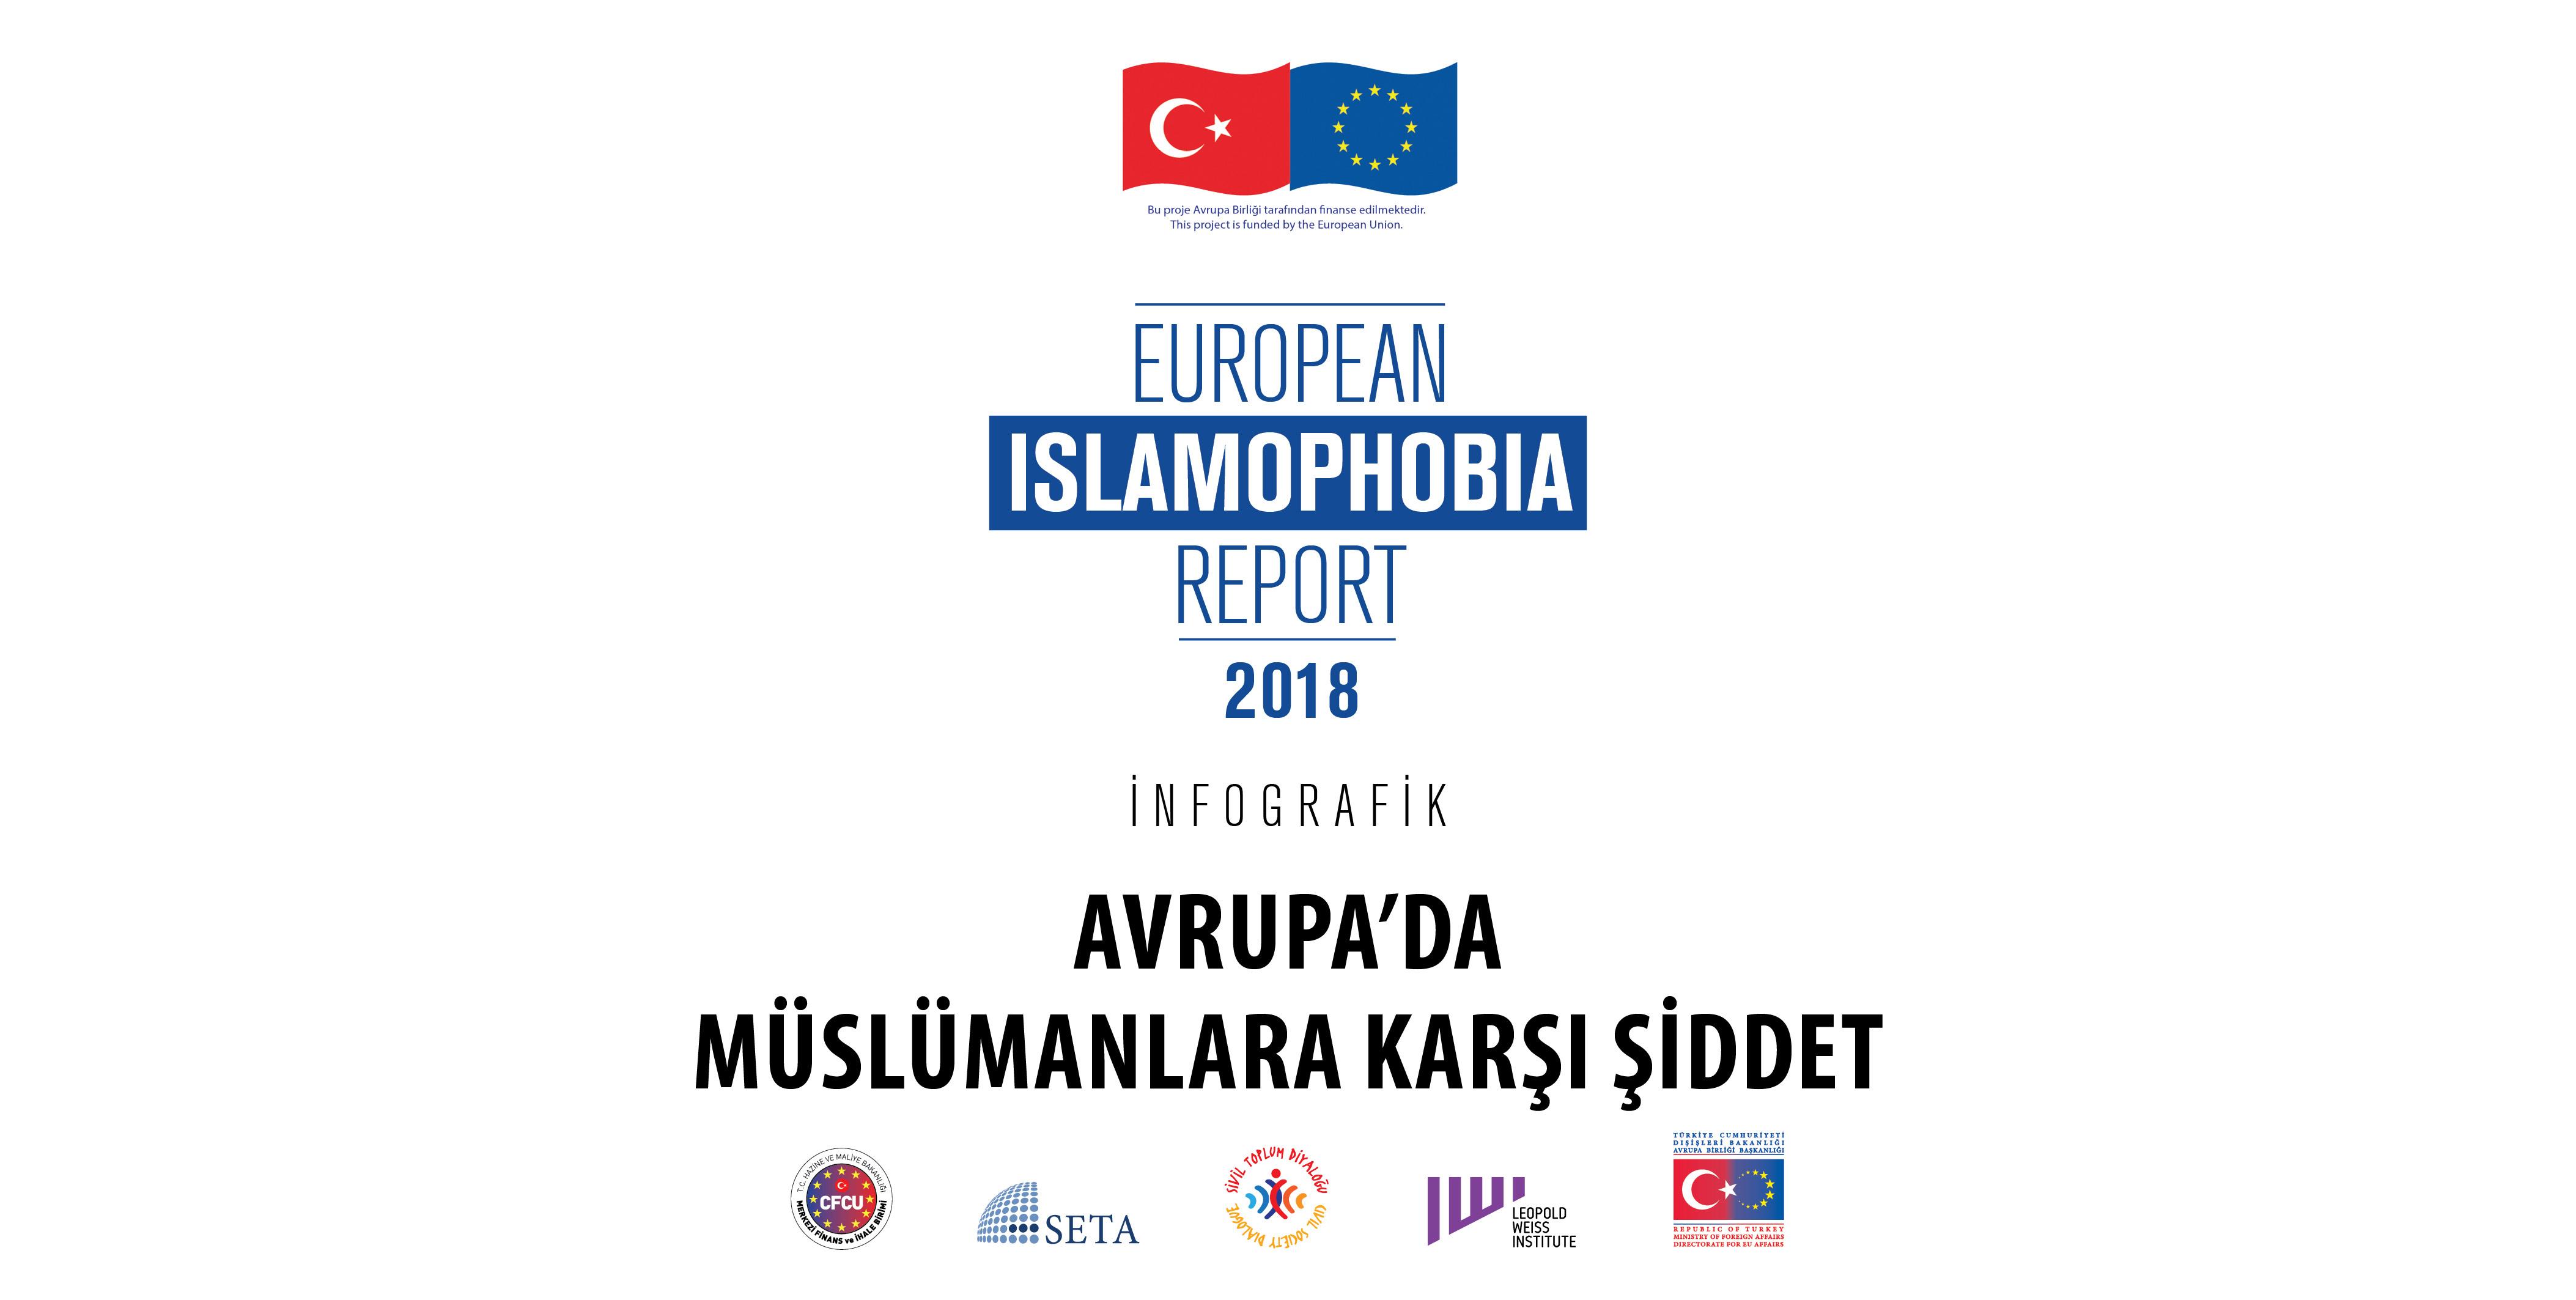 Avrupa'da Müslümanlara Karşı Şiddet | #EIR2018